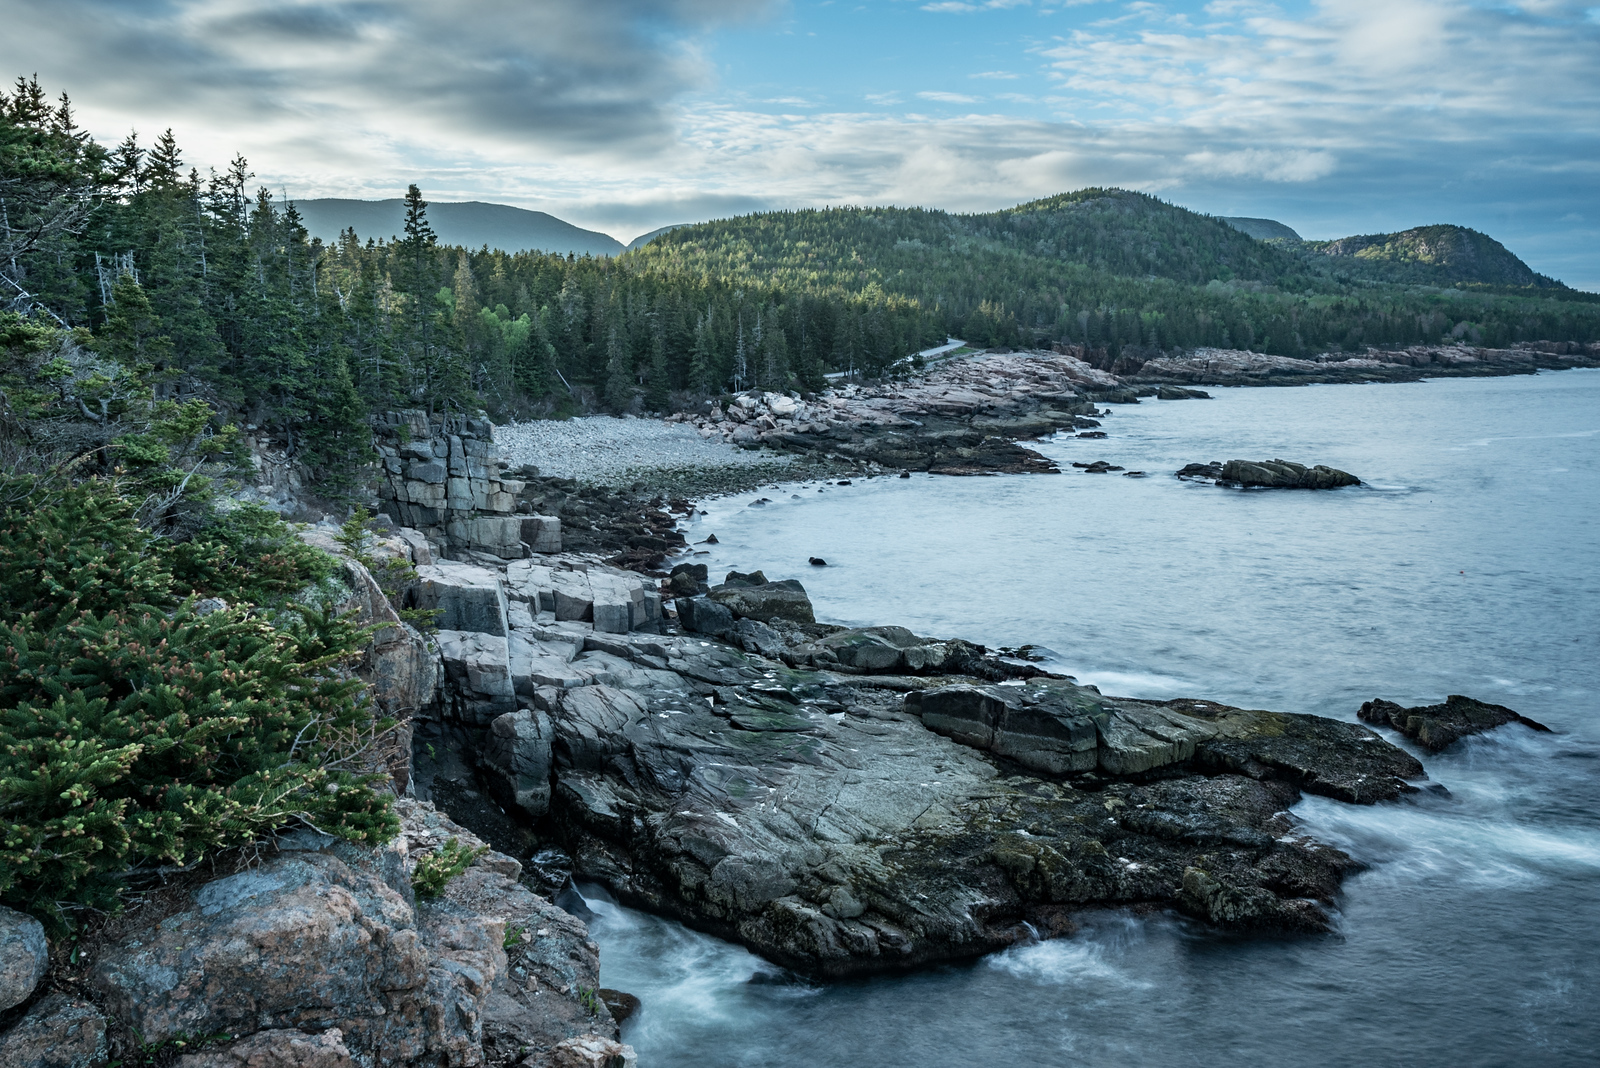 Rocky Coastline - Otter Cliffs